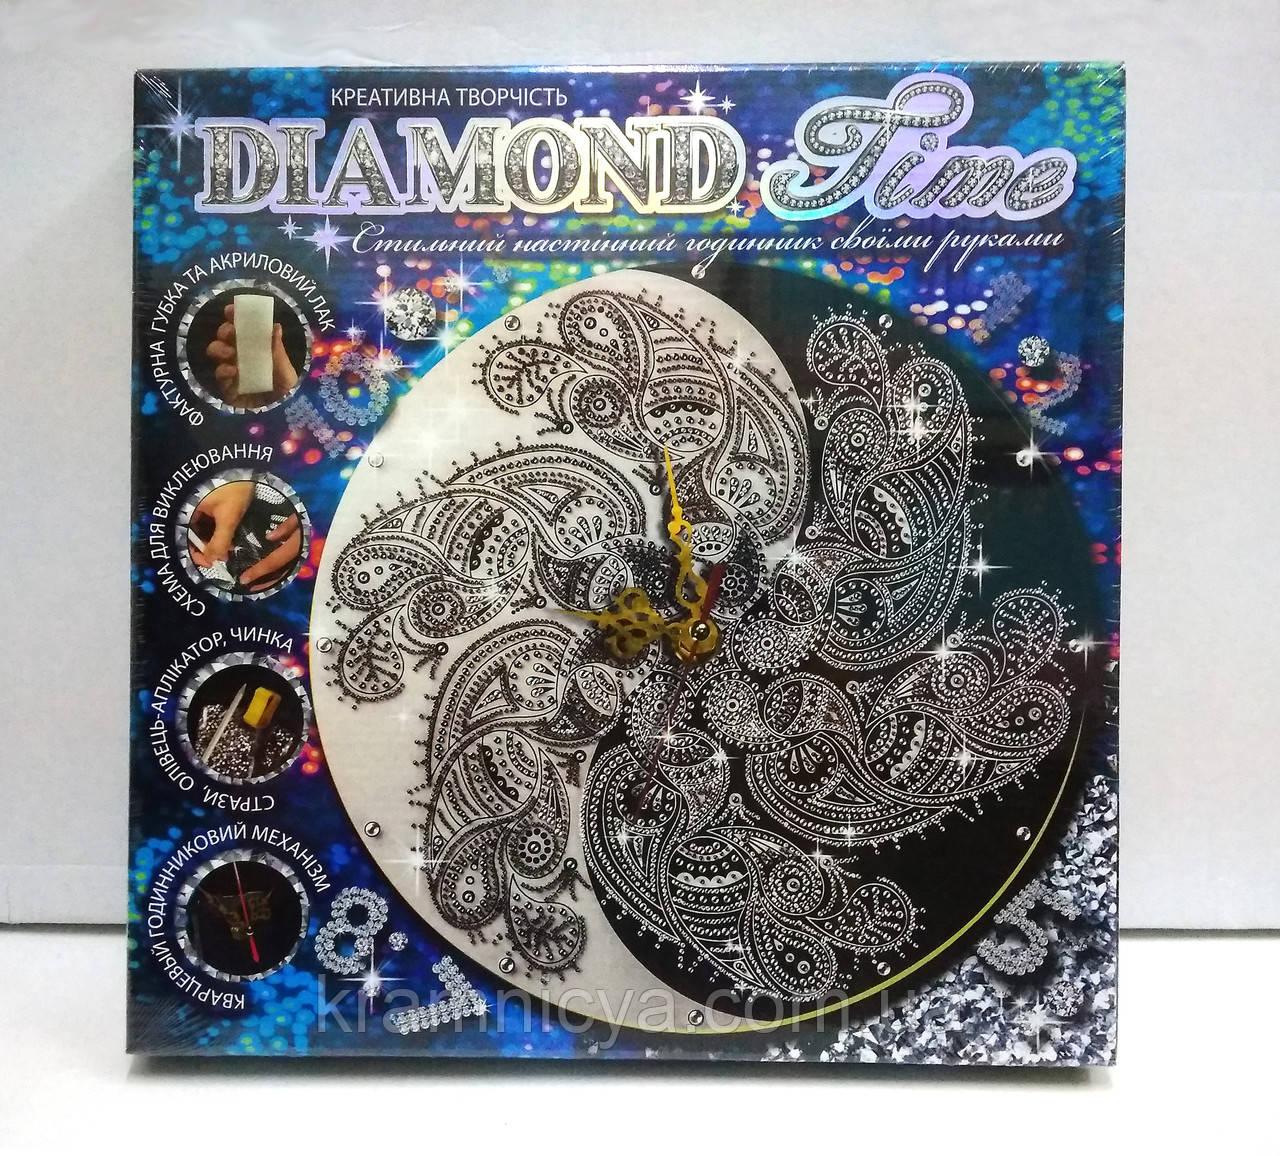 Часы 'Diamond Time' Мандала (DTM-01-02)